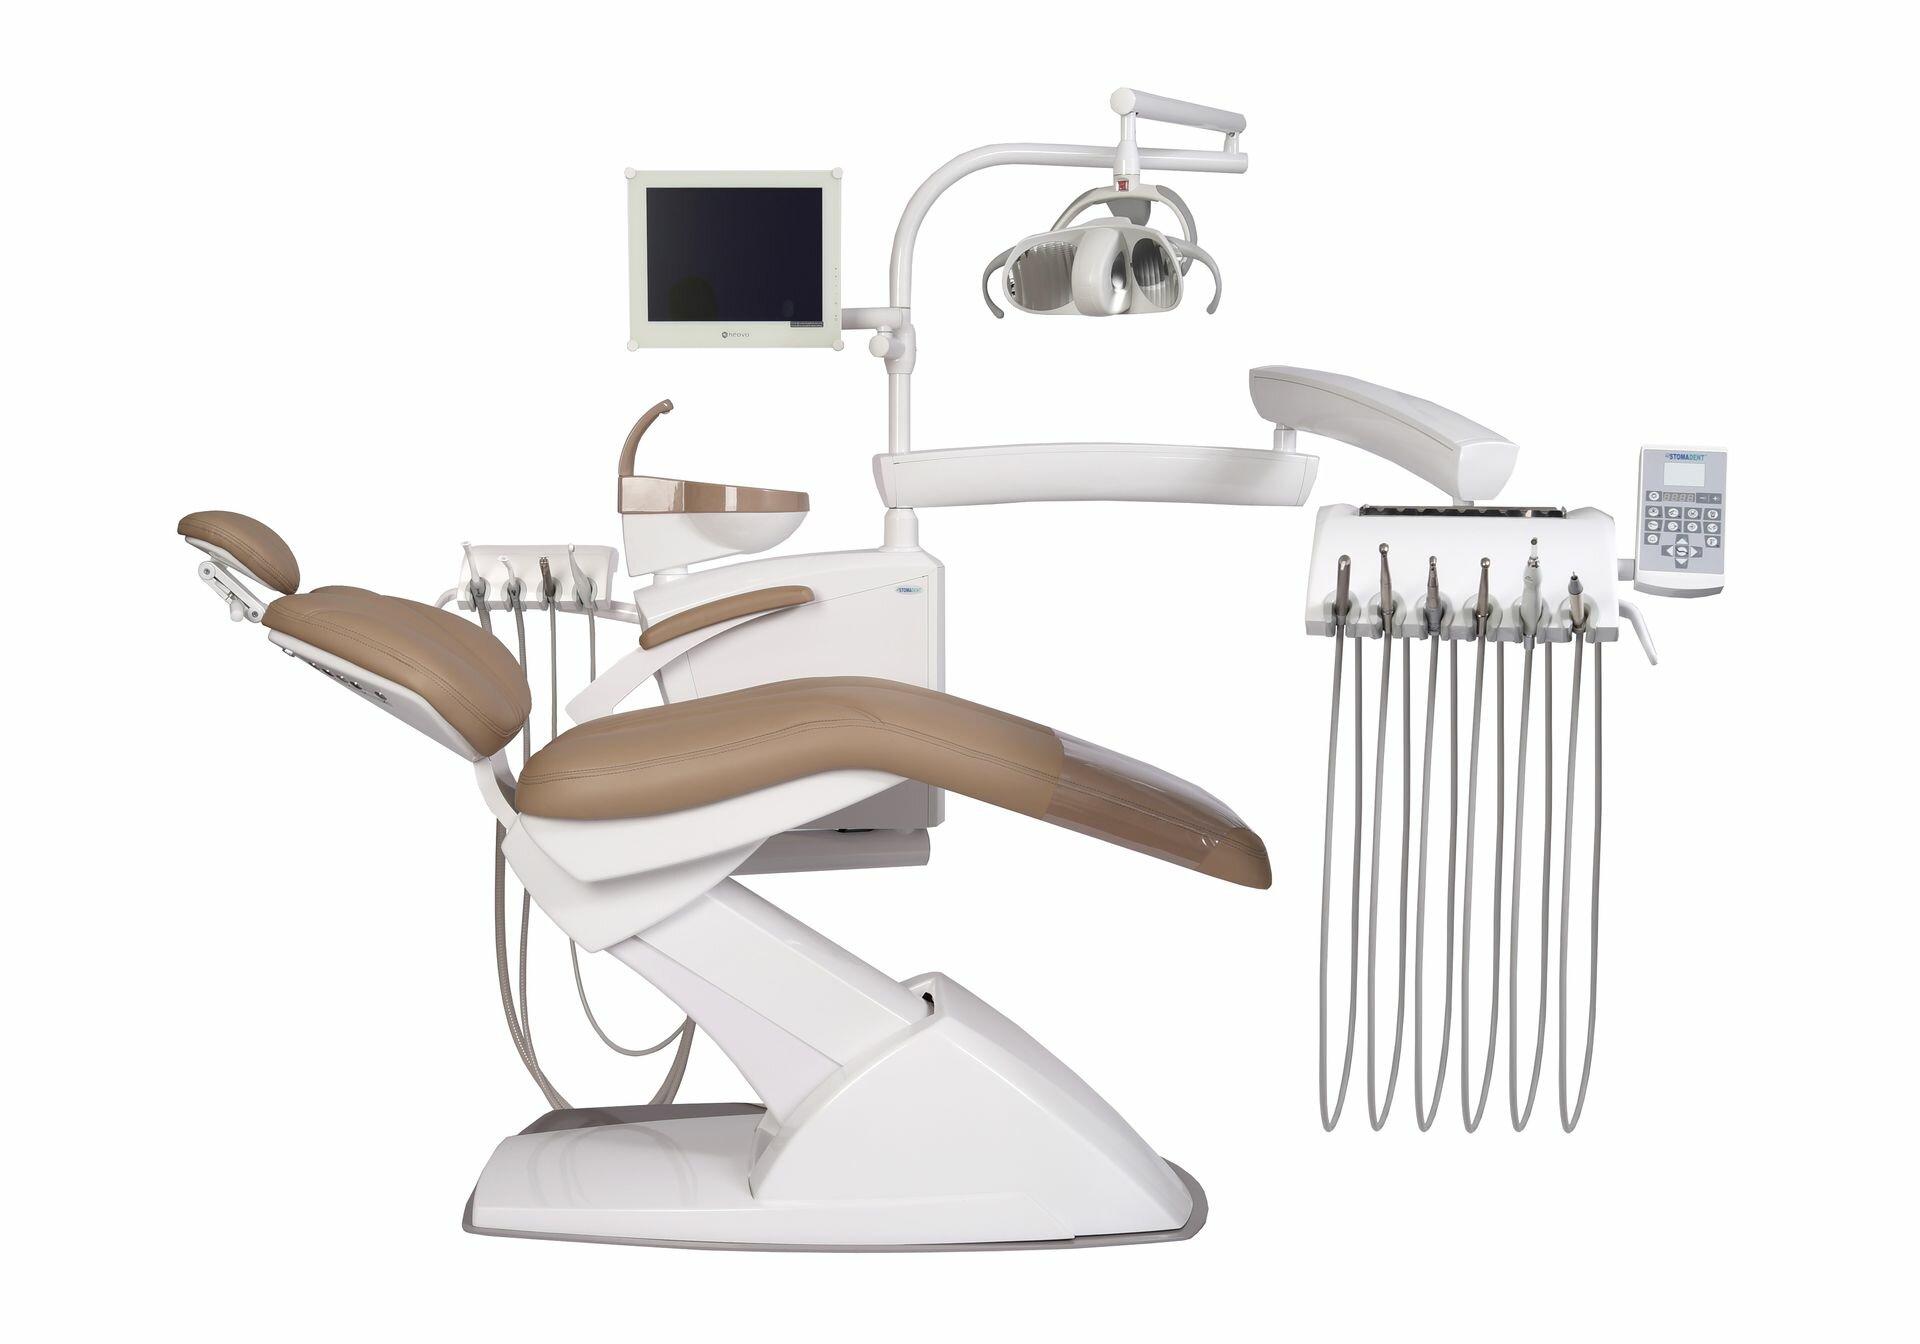 STOMADENT IMPULS NEO2 - стоматологическая установка с нижней подачей инструментов